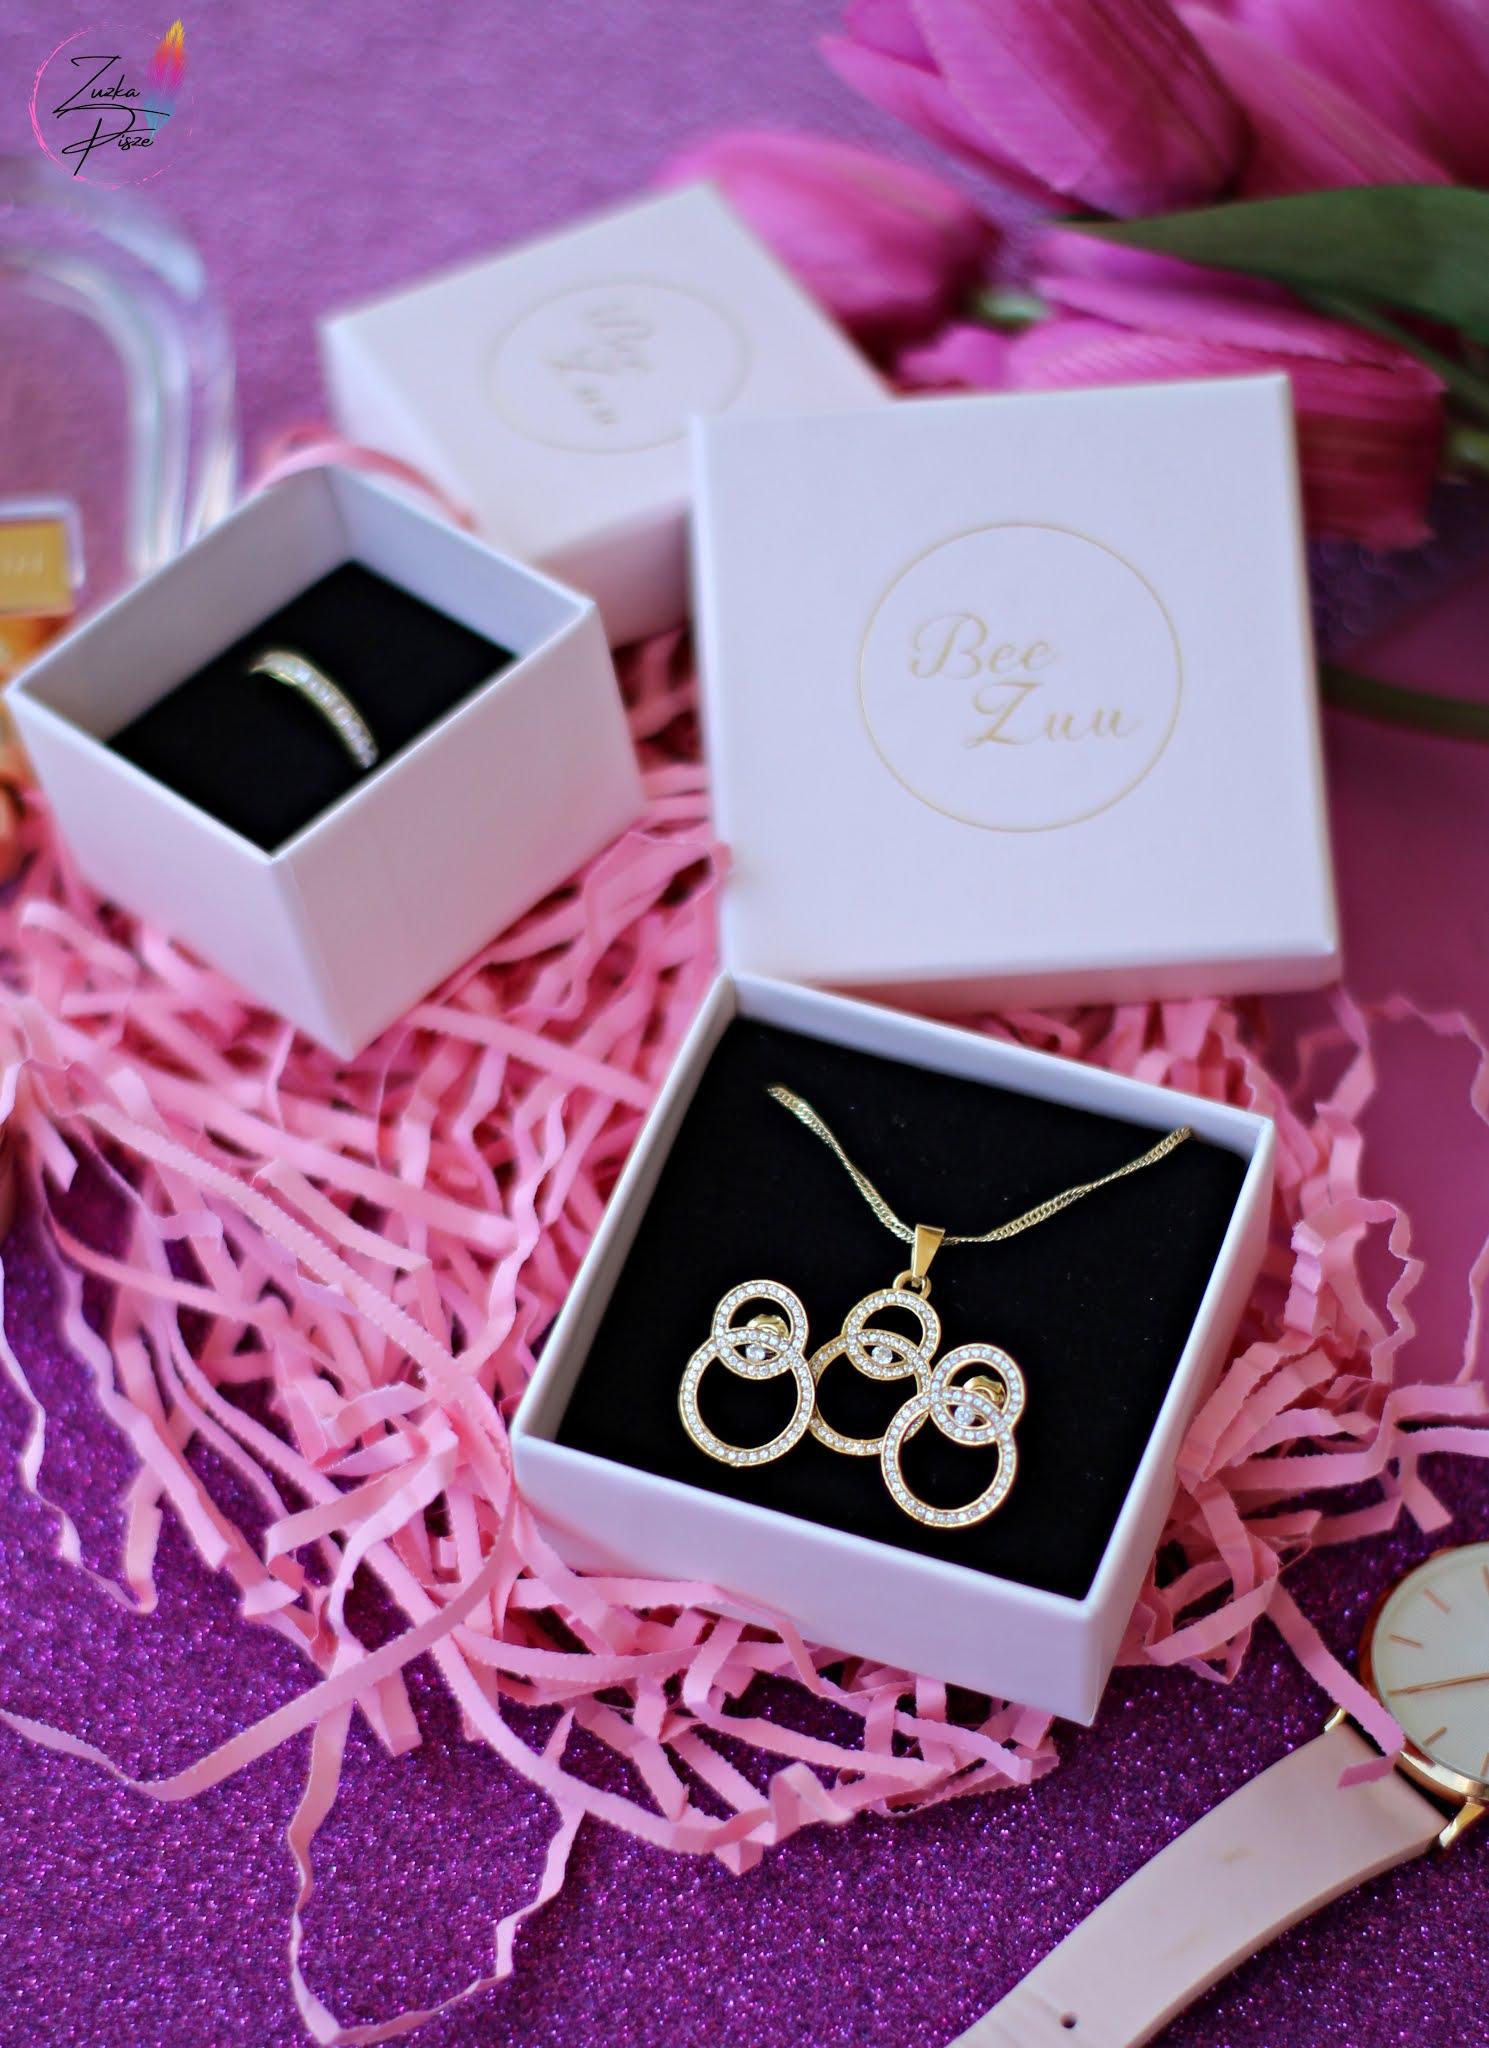 Biżuteria srebrna pozłacana BeeZuu - idealny wybór na co dzień